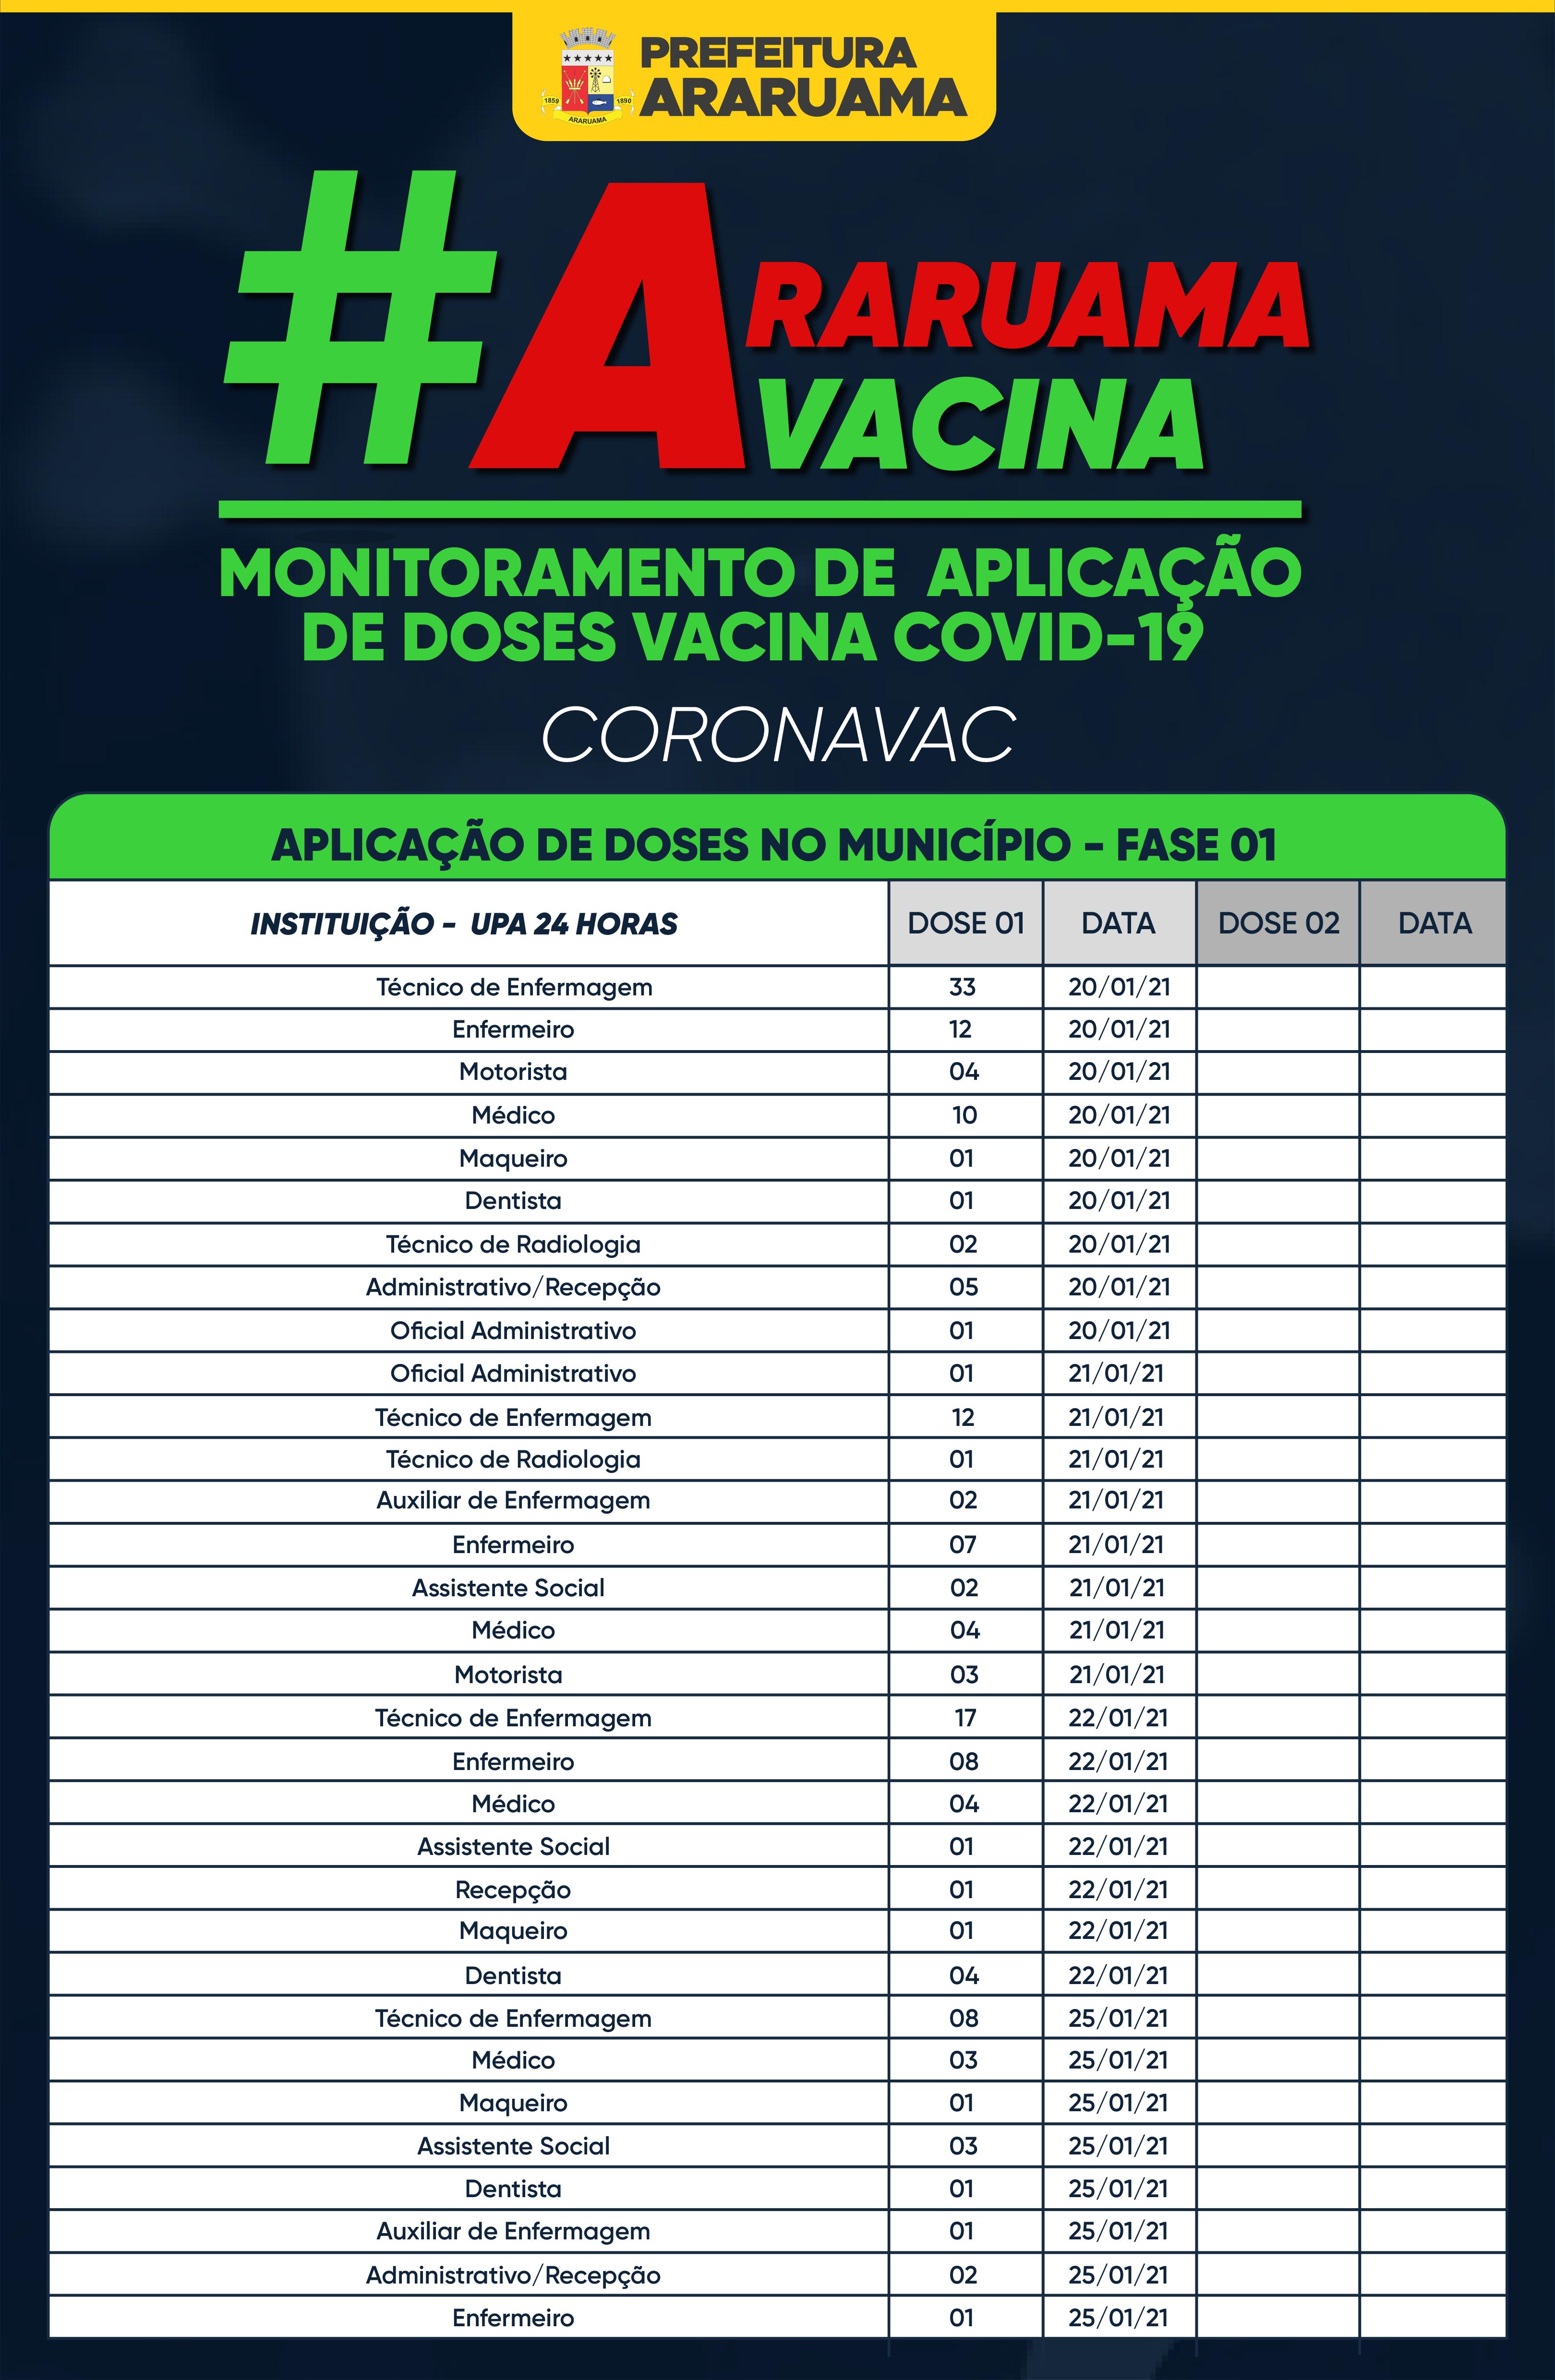 Vacina COVID-19 — Monitoramento de aplicação de doses da CORONAVAC — 26 de janeiro